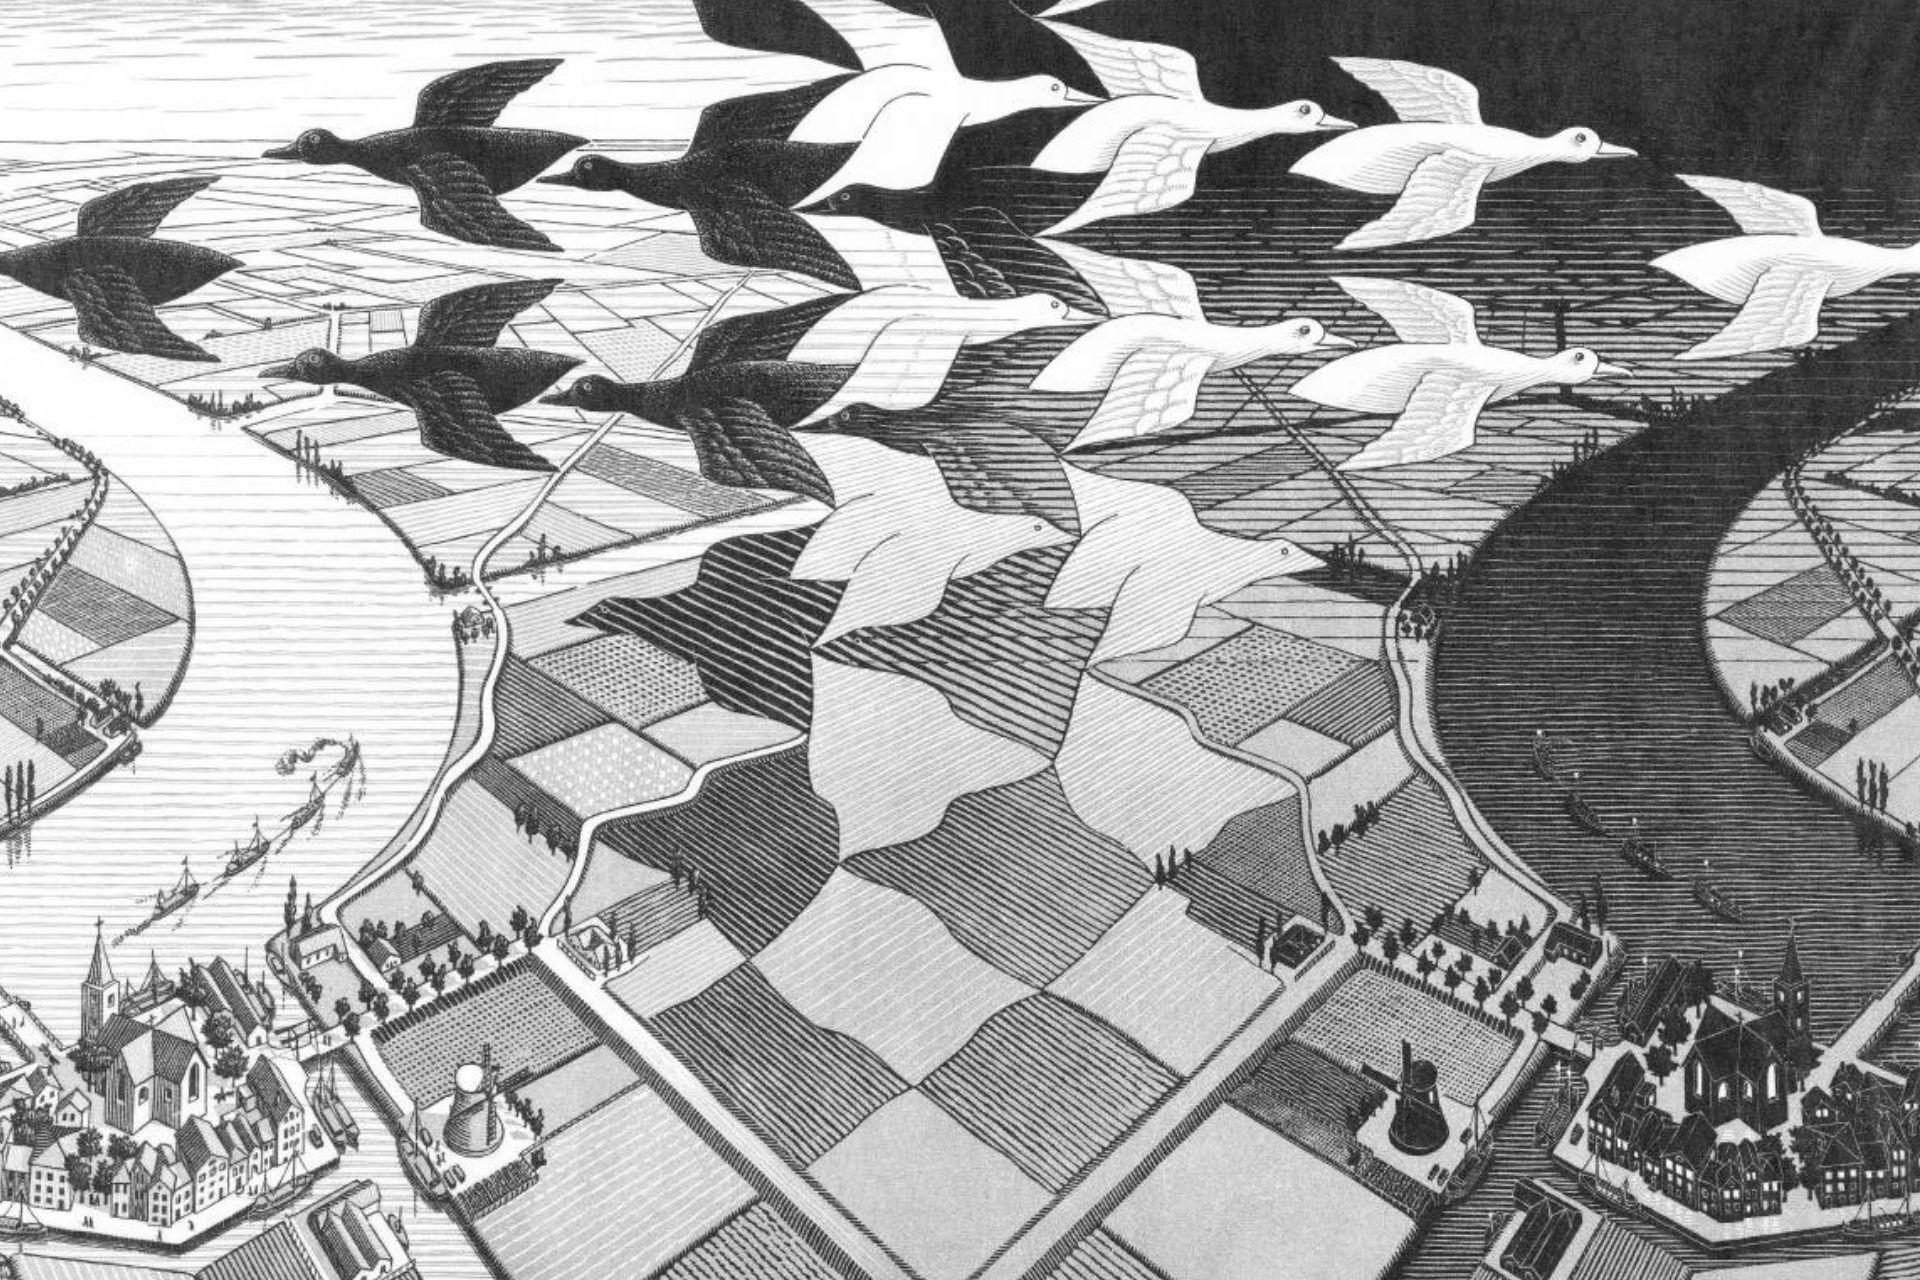 Mostra Escher a Milano